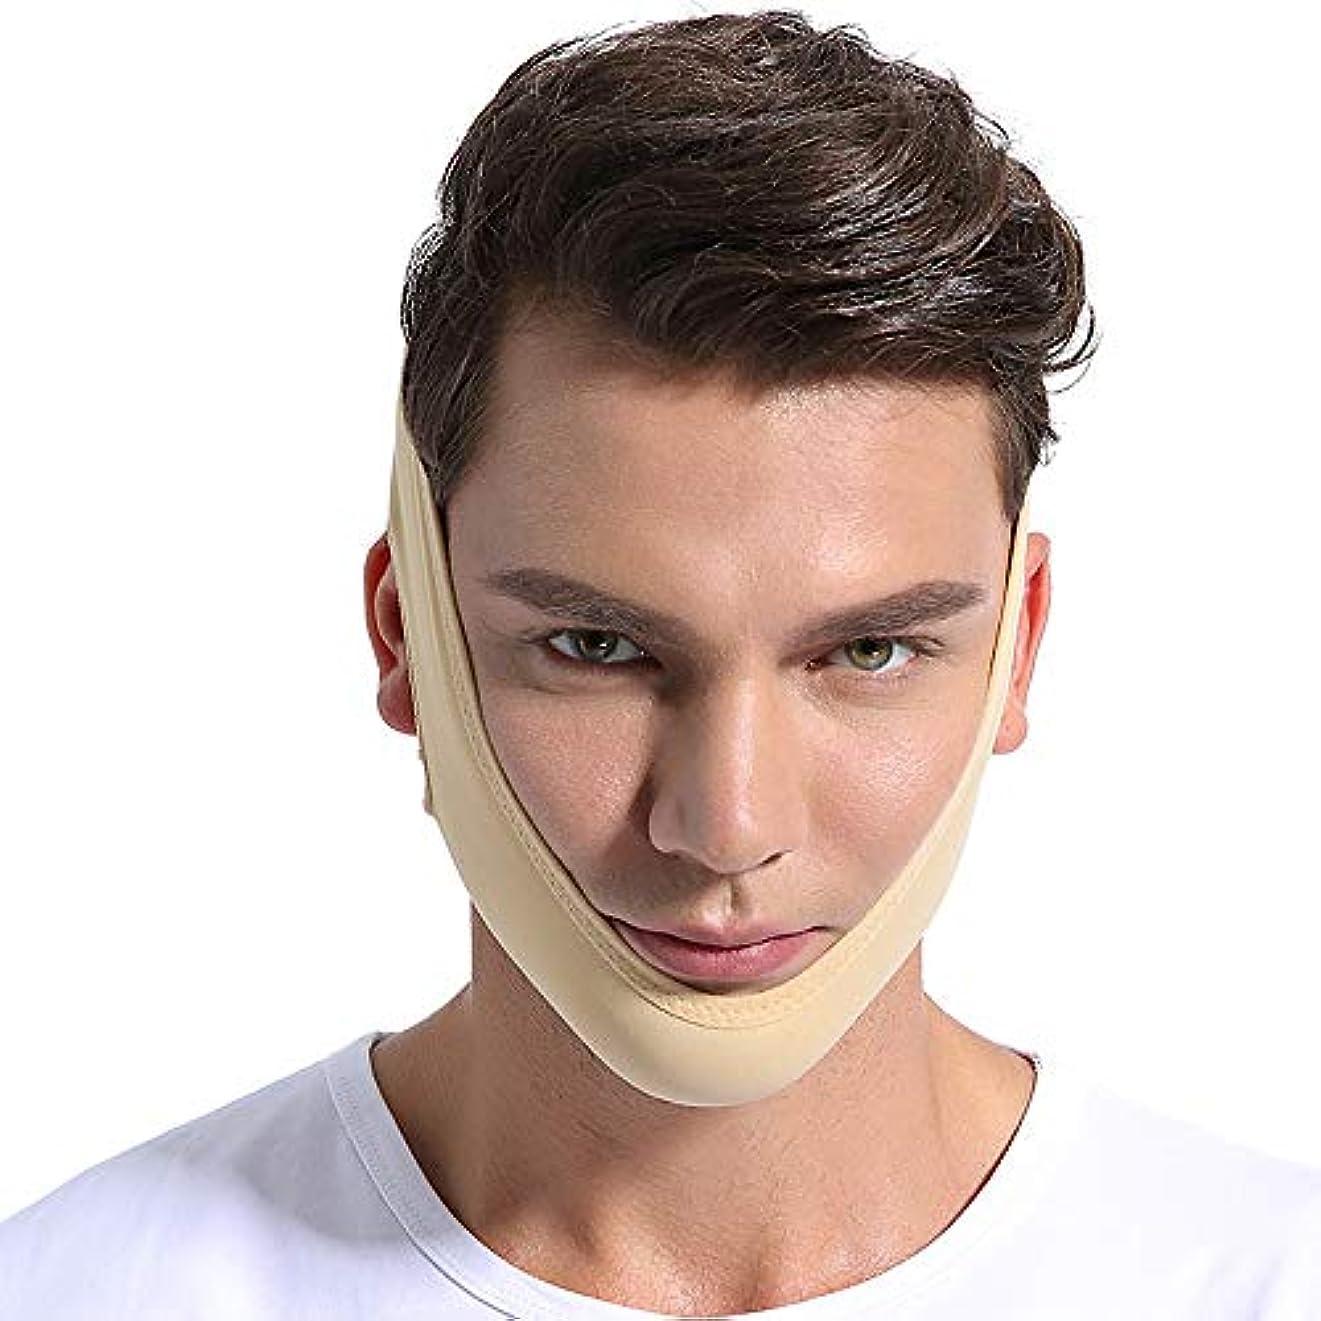 安定したぴかぴか利用可能顔面持ち上げ用具、Vフェイスの薄い顔の包帯顔面マッサージ器リフティングパッキングマスク,L